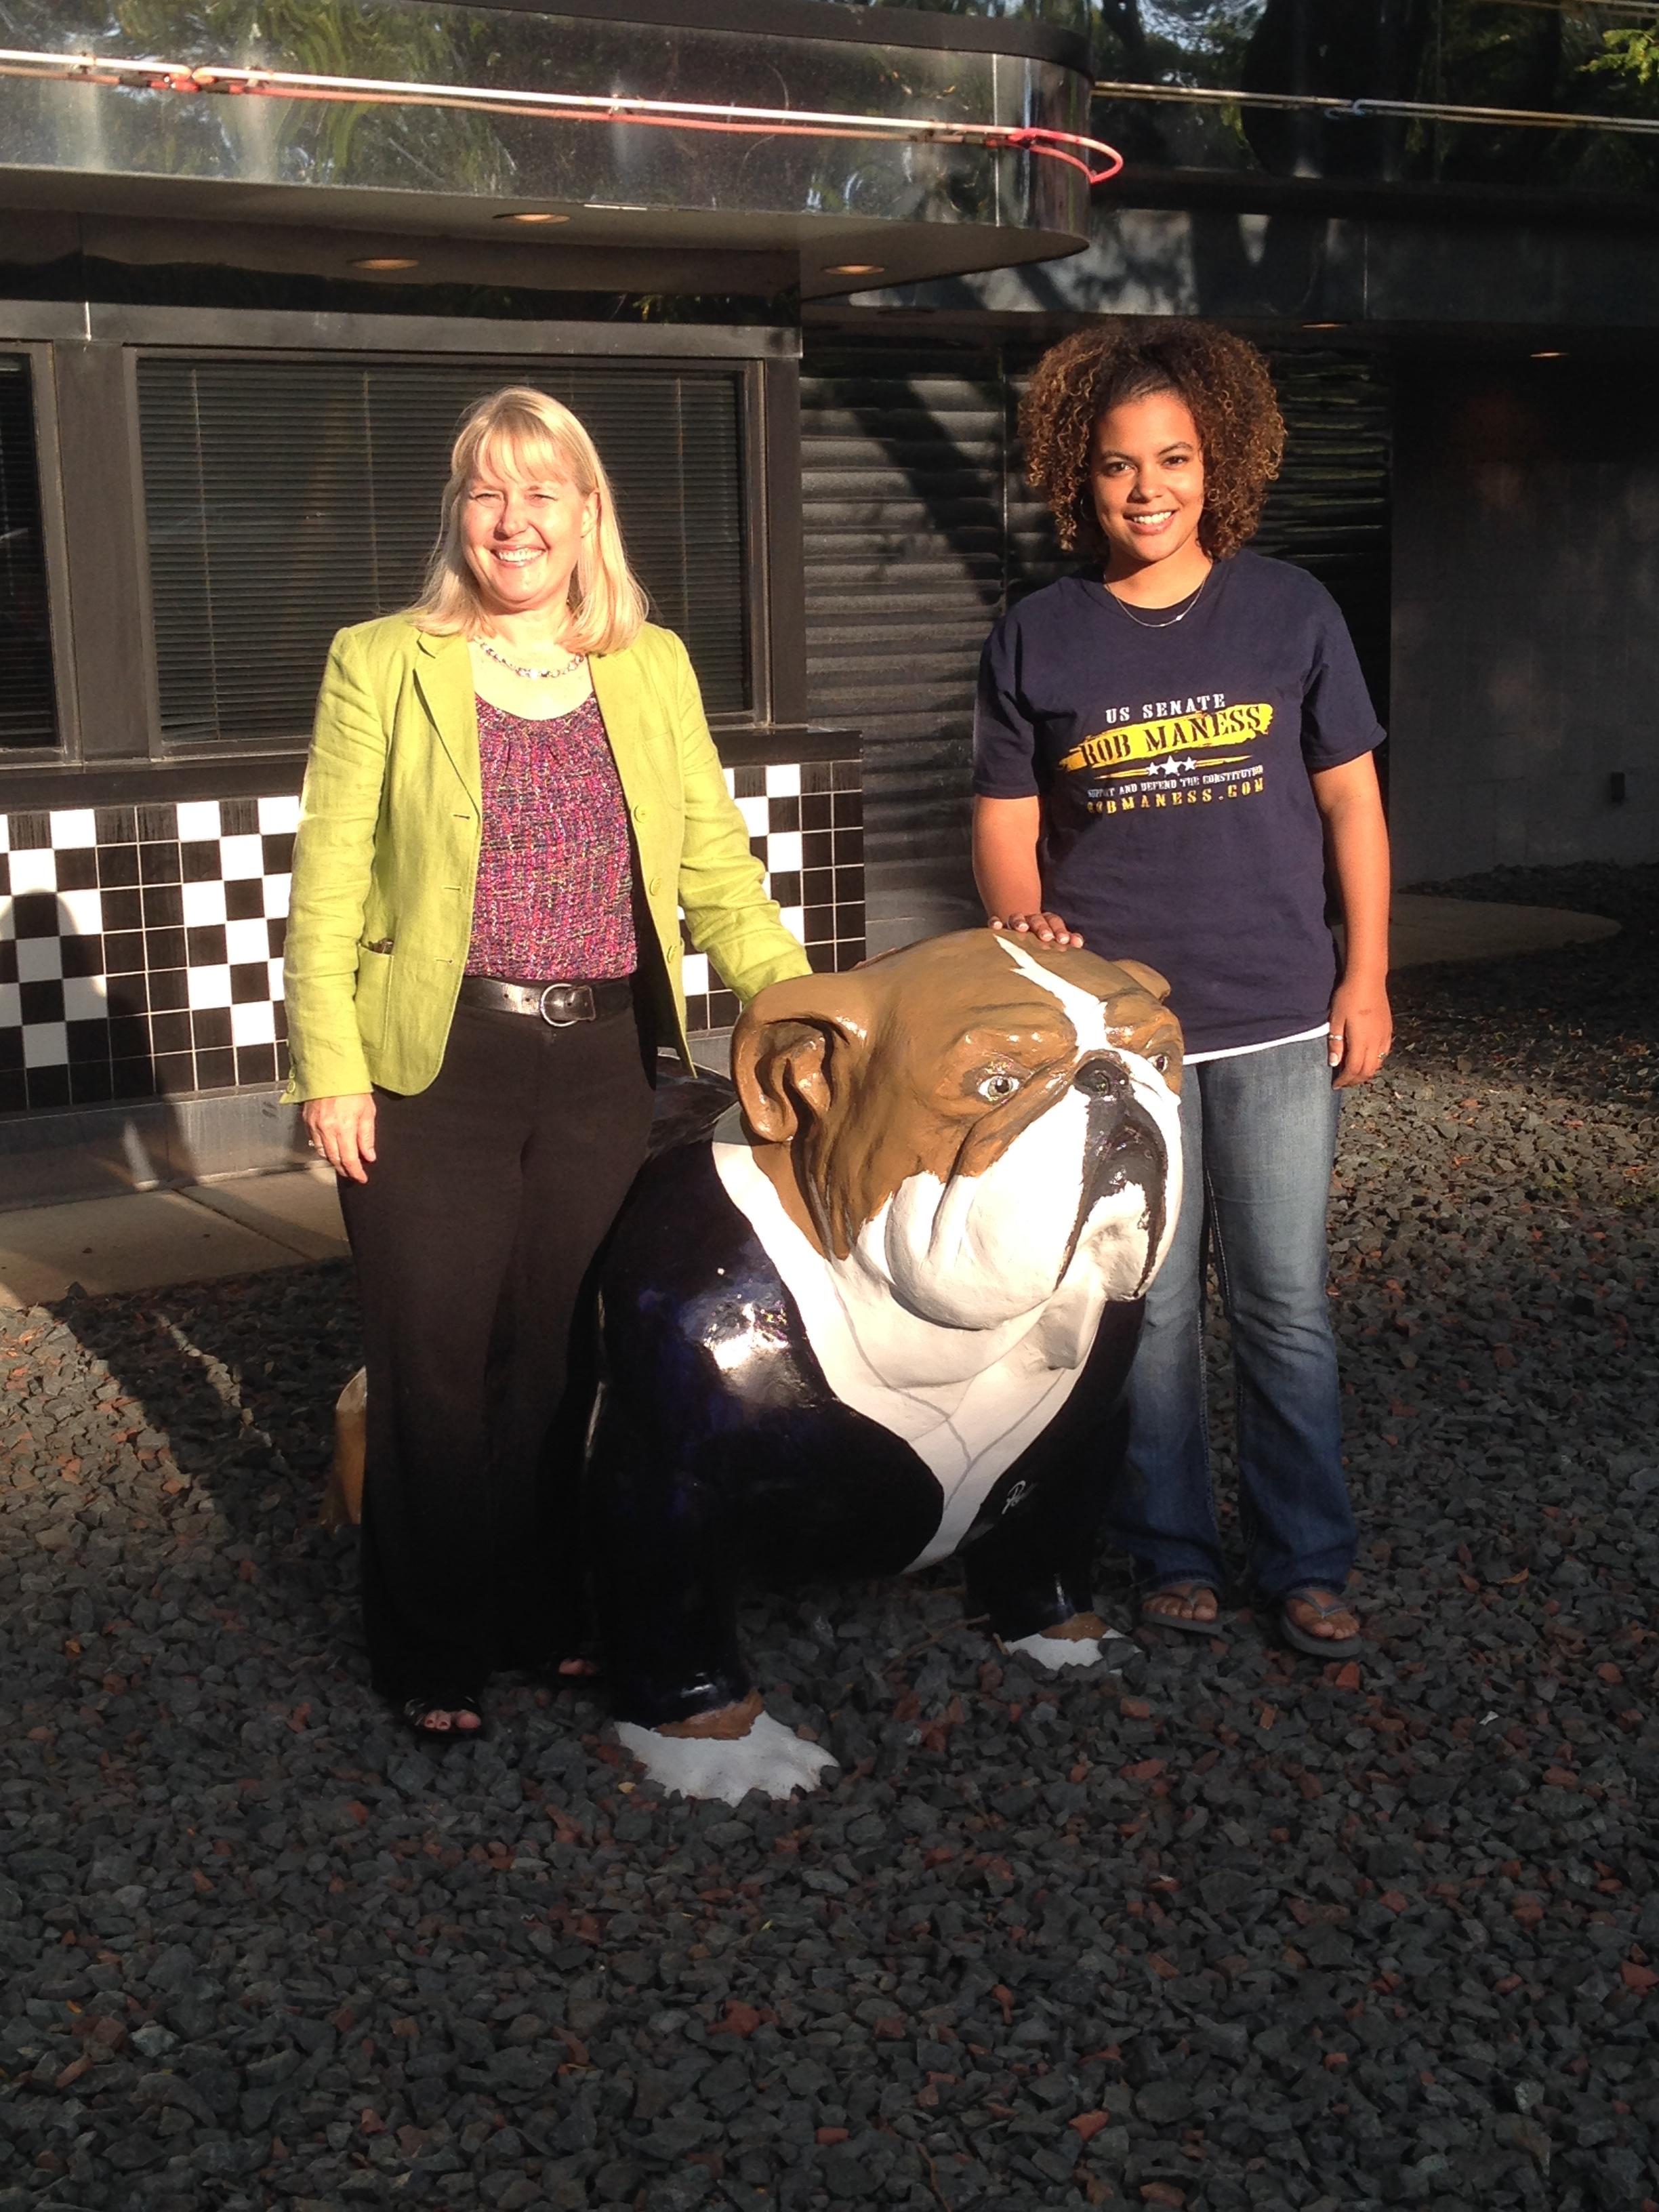 Eddye with mentor Stephanie